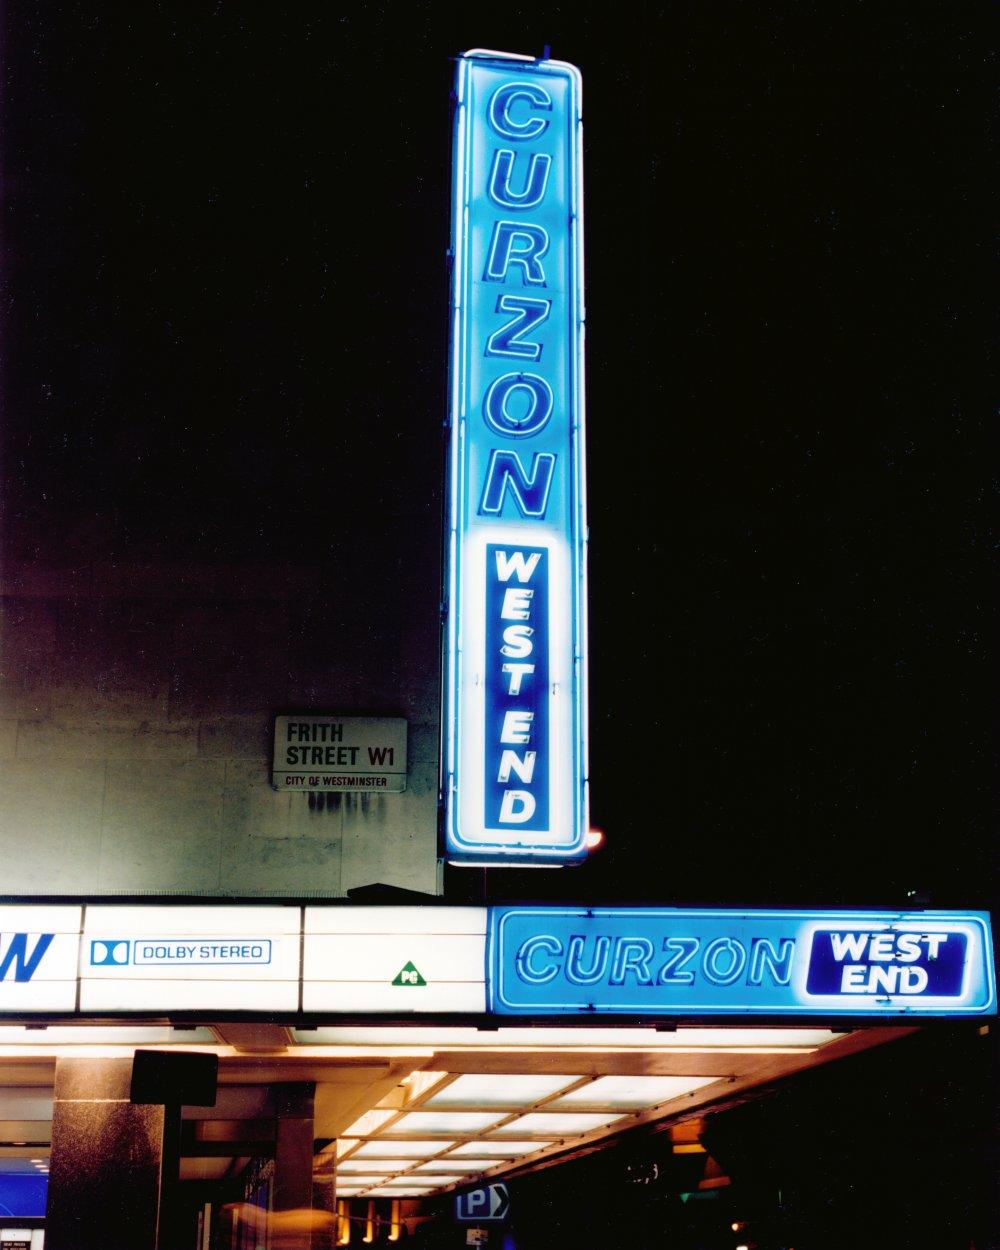 Curzon West End (now Curzon Soho), London, 1985